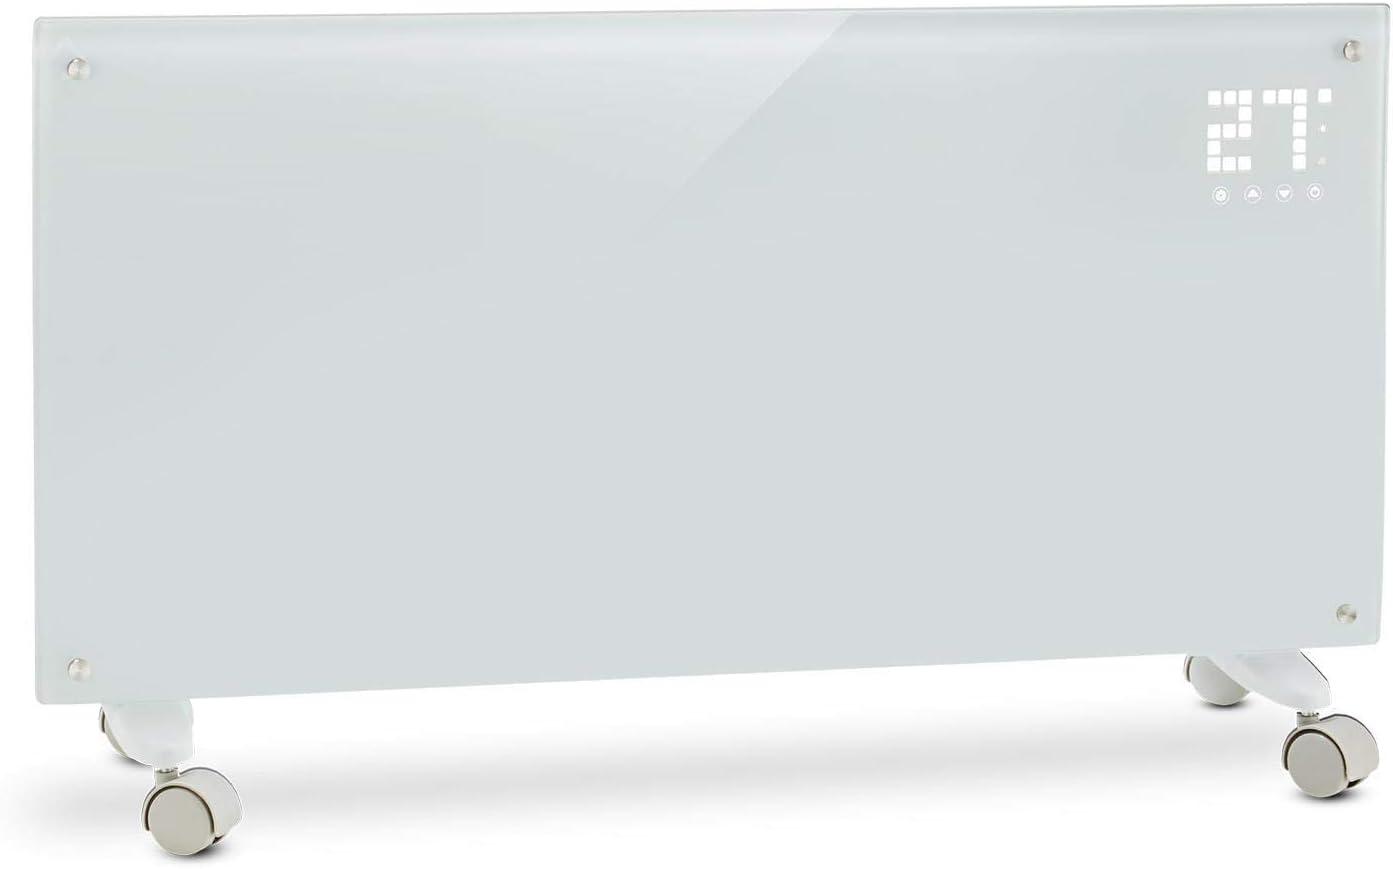 KLARSTEIN Bornholm - Calefactor convector eléctrico, Monitor LED camuflado, Control Remoto, Modo Eco, Programable por Horas hasta 24, Panel de Cristal, Radiador de 1000/2000W, Blanco Floral